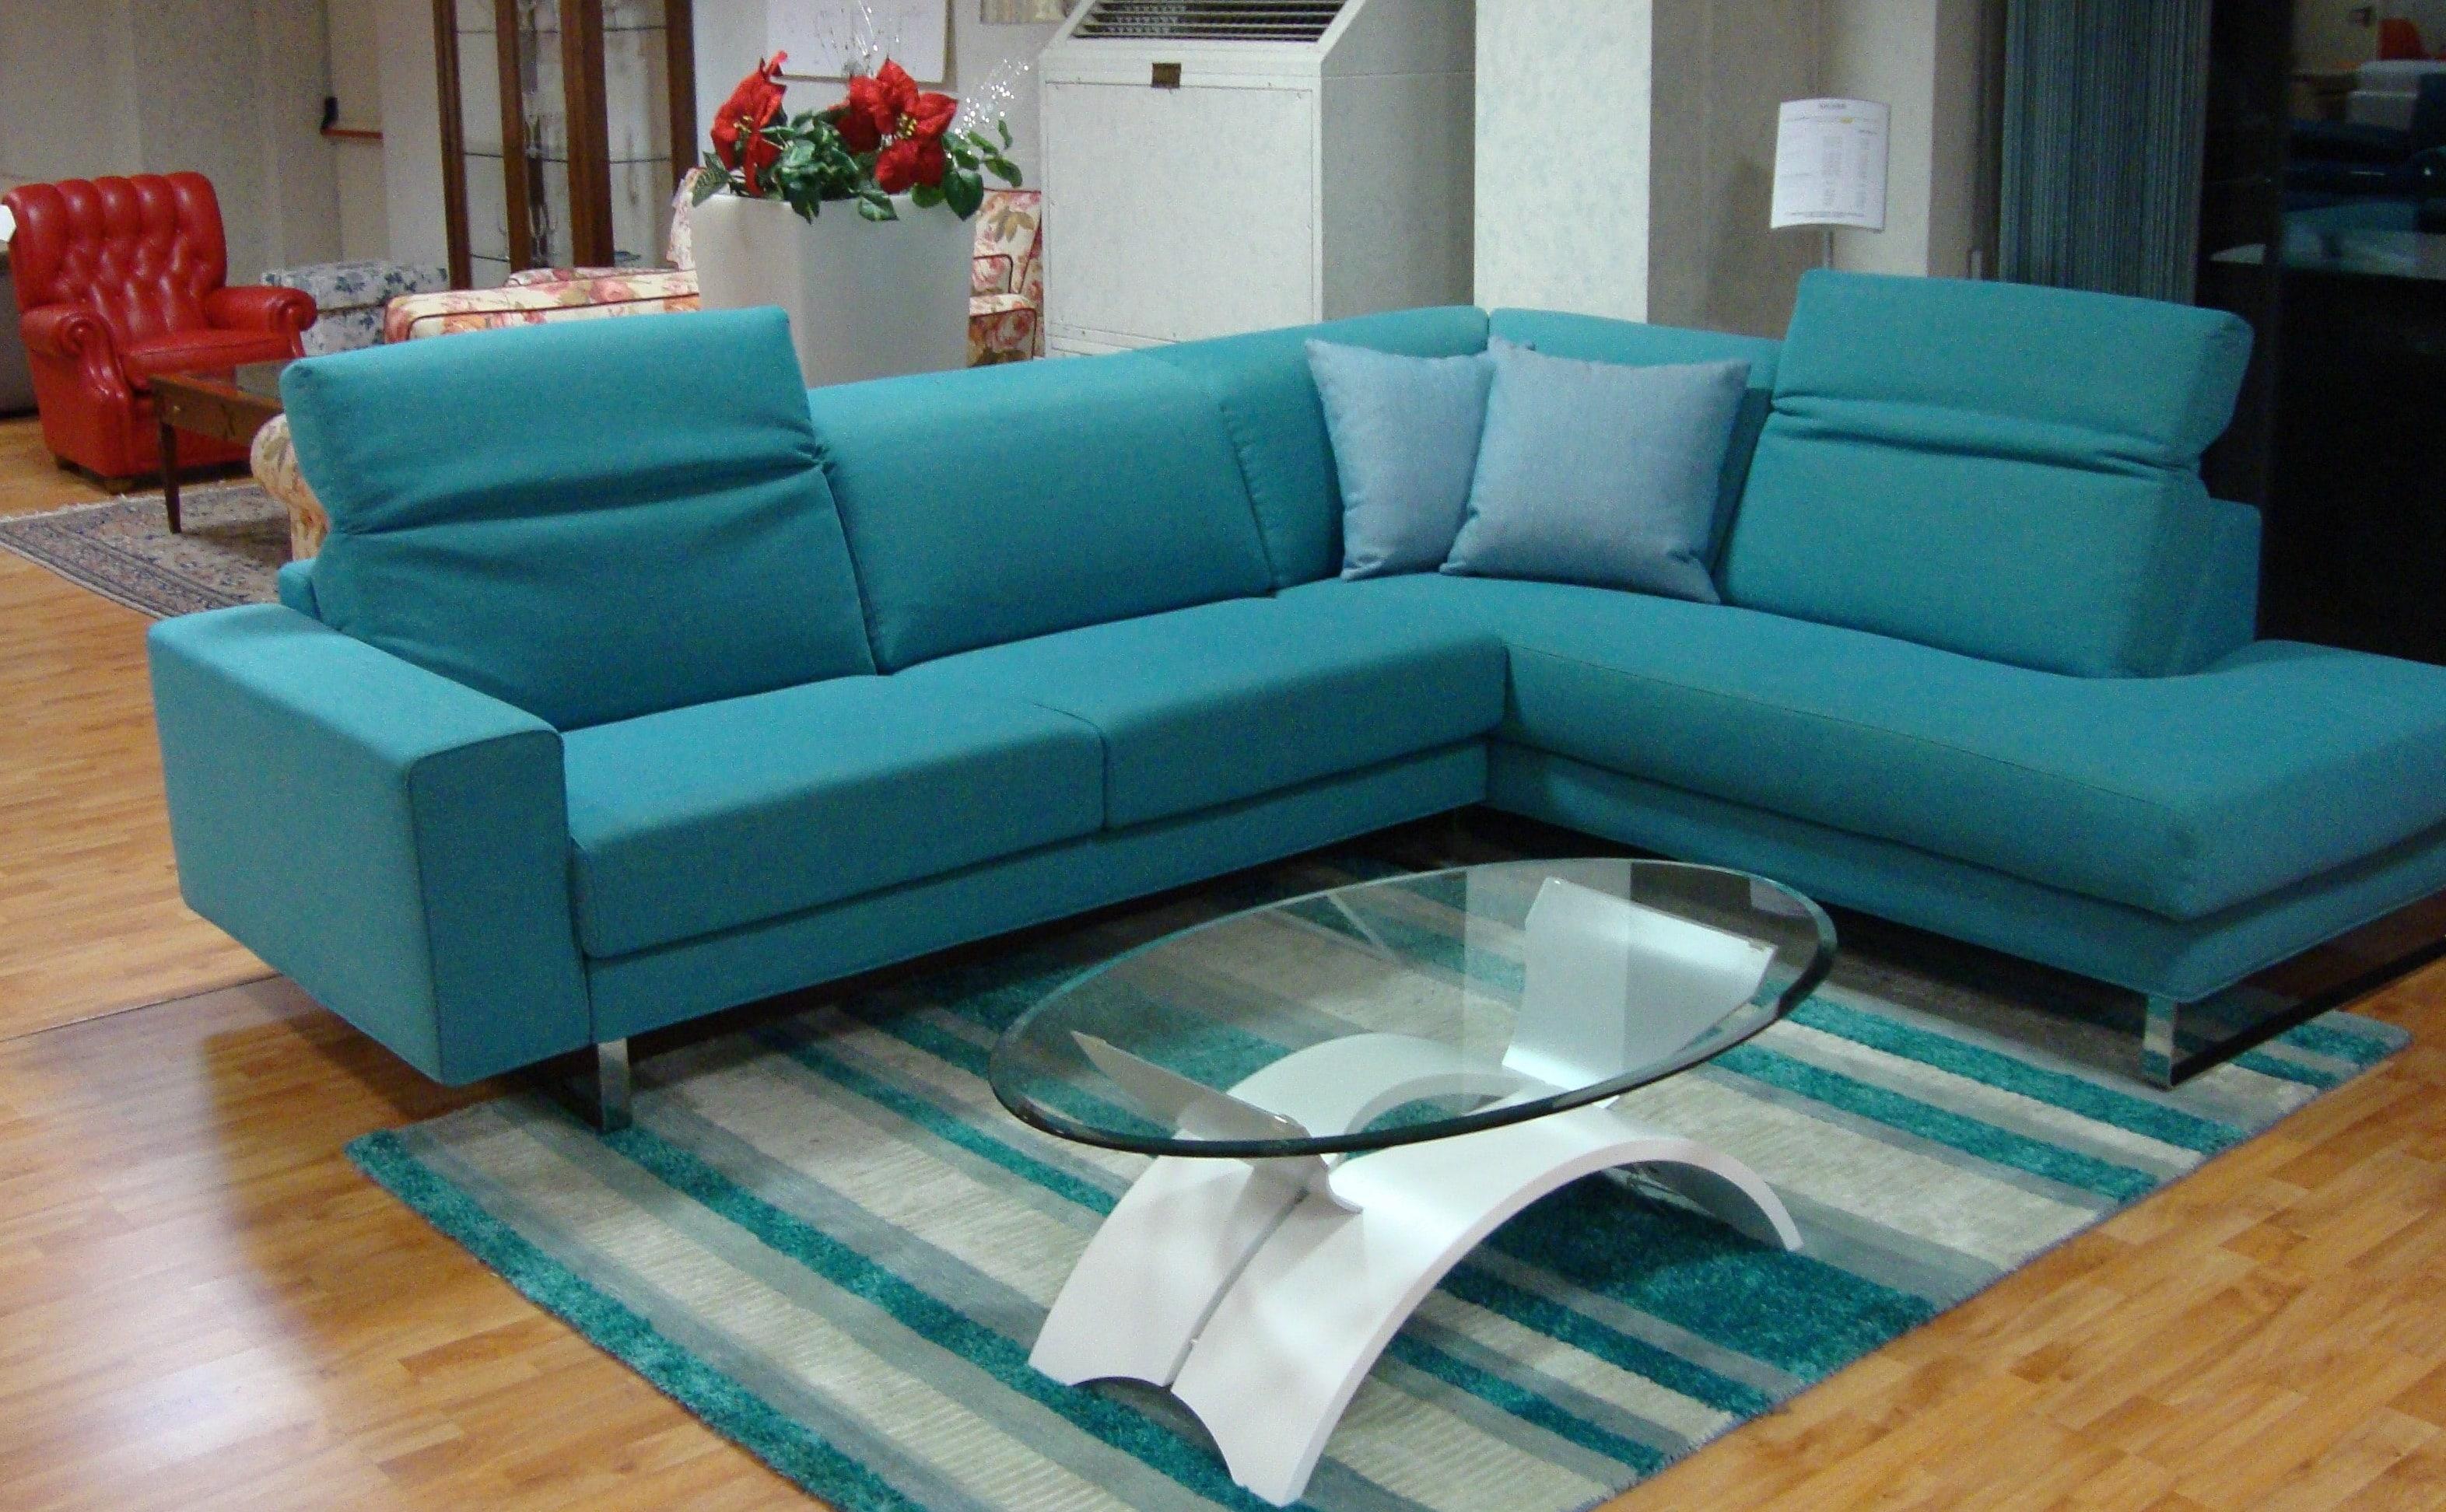 Cerco divani in offerta poltrone e sofa catalogo with - Cerco divano angolare ...